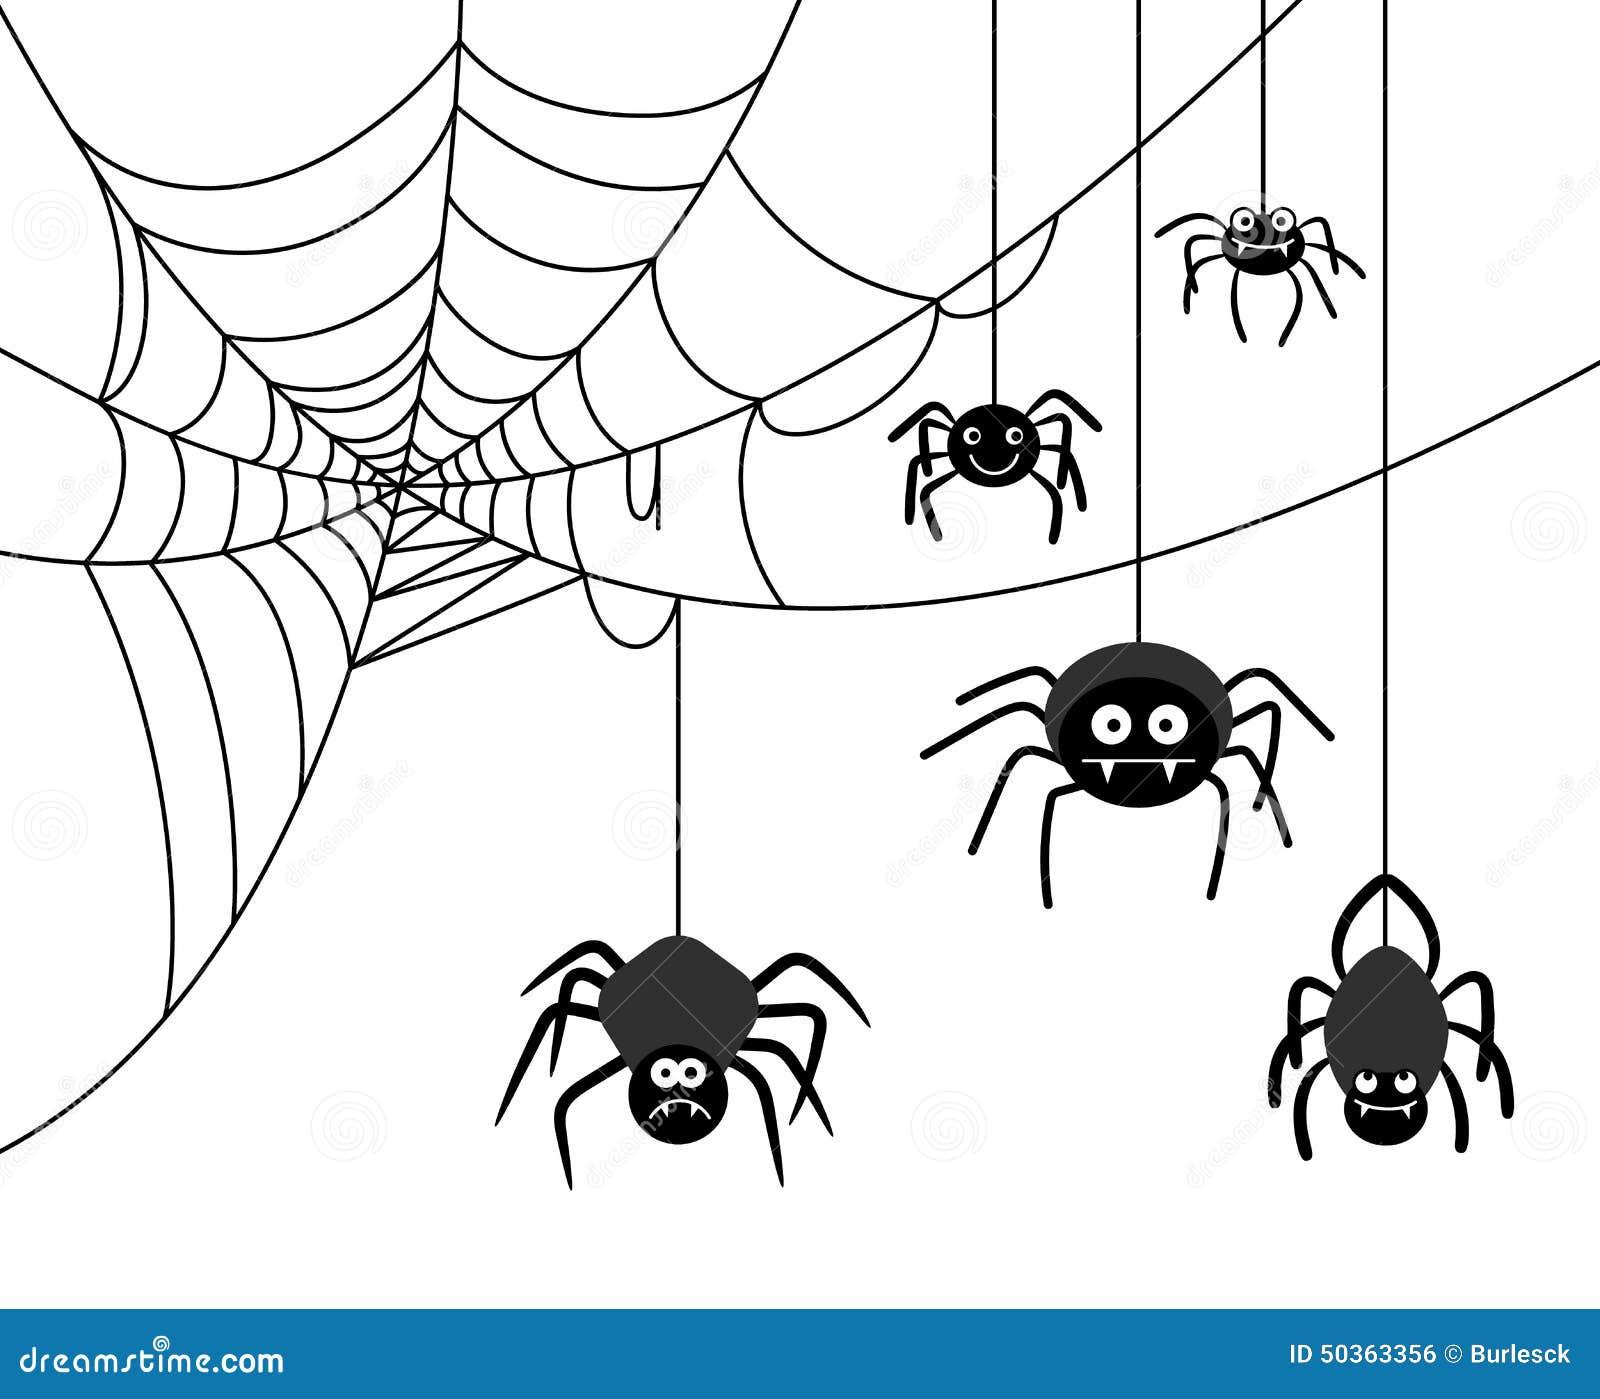 彩虹编织蜘蛛网,五彩编织爬网图片